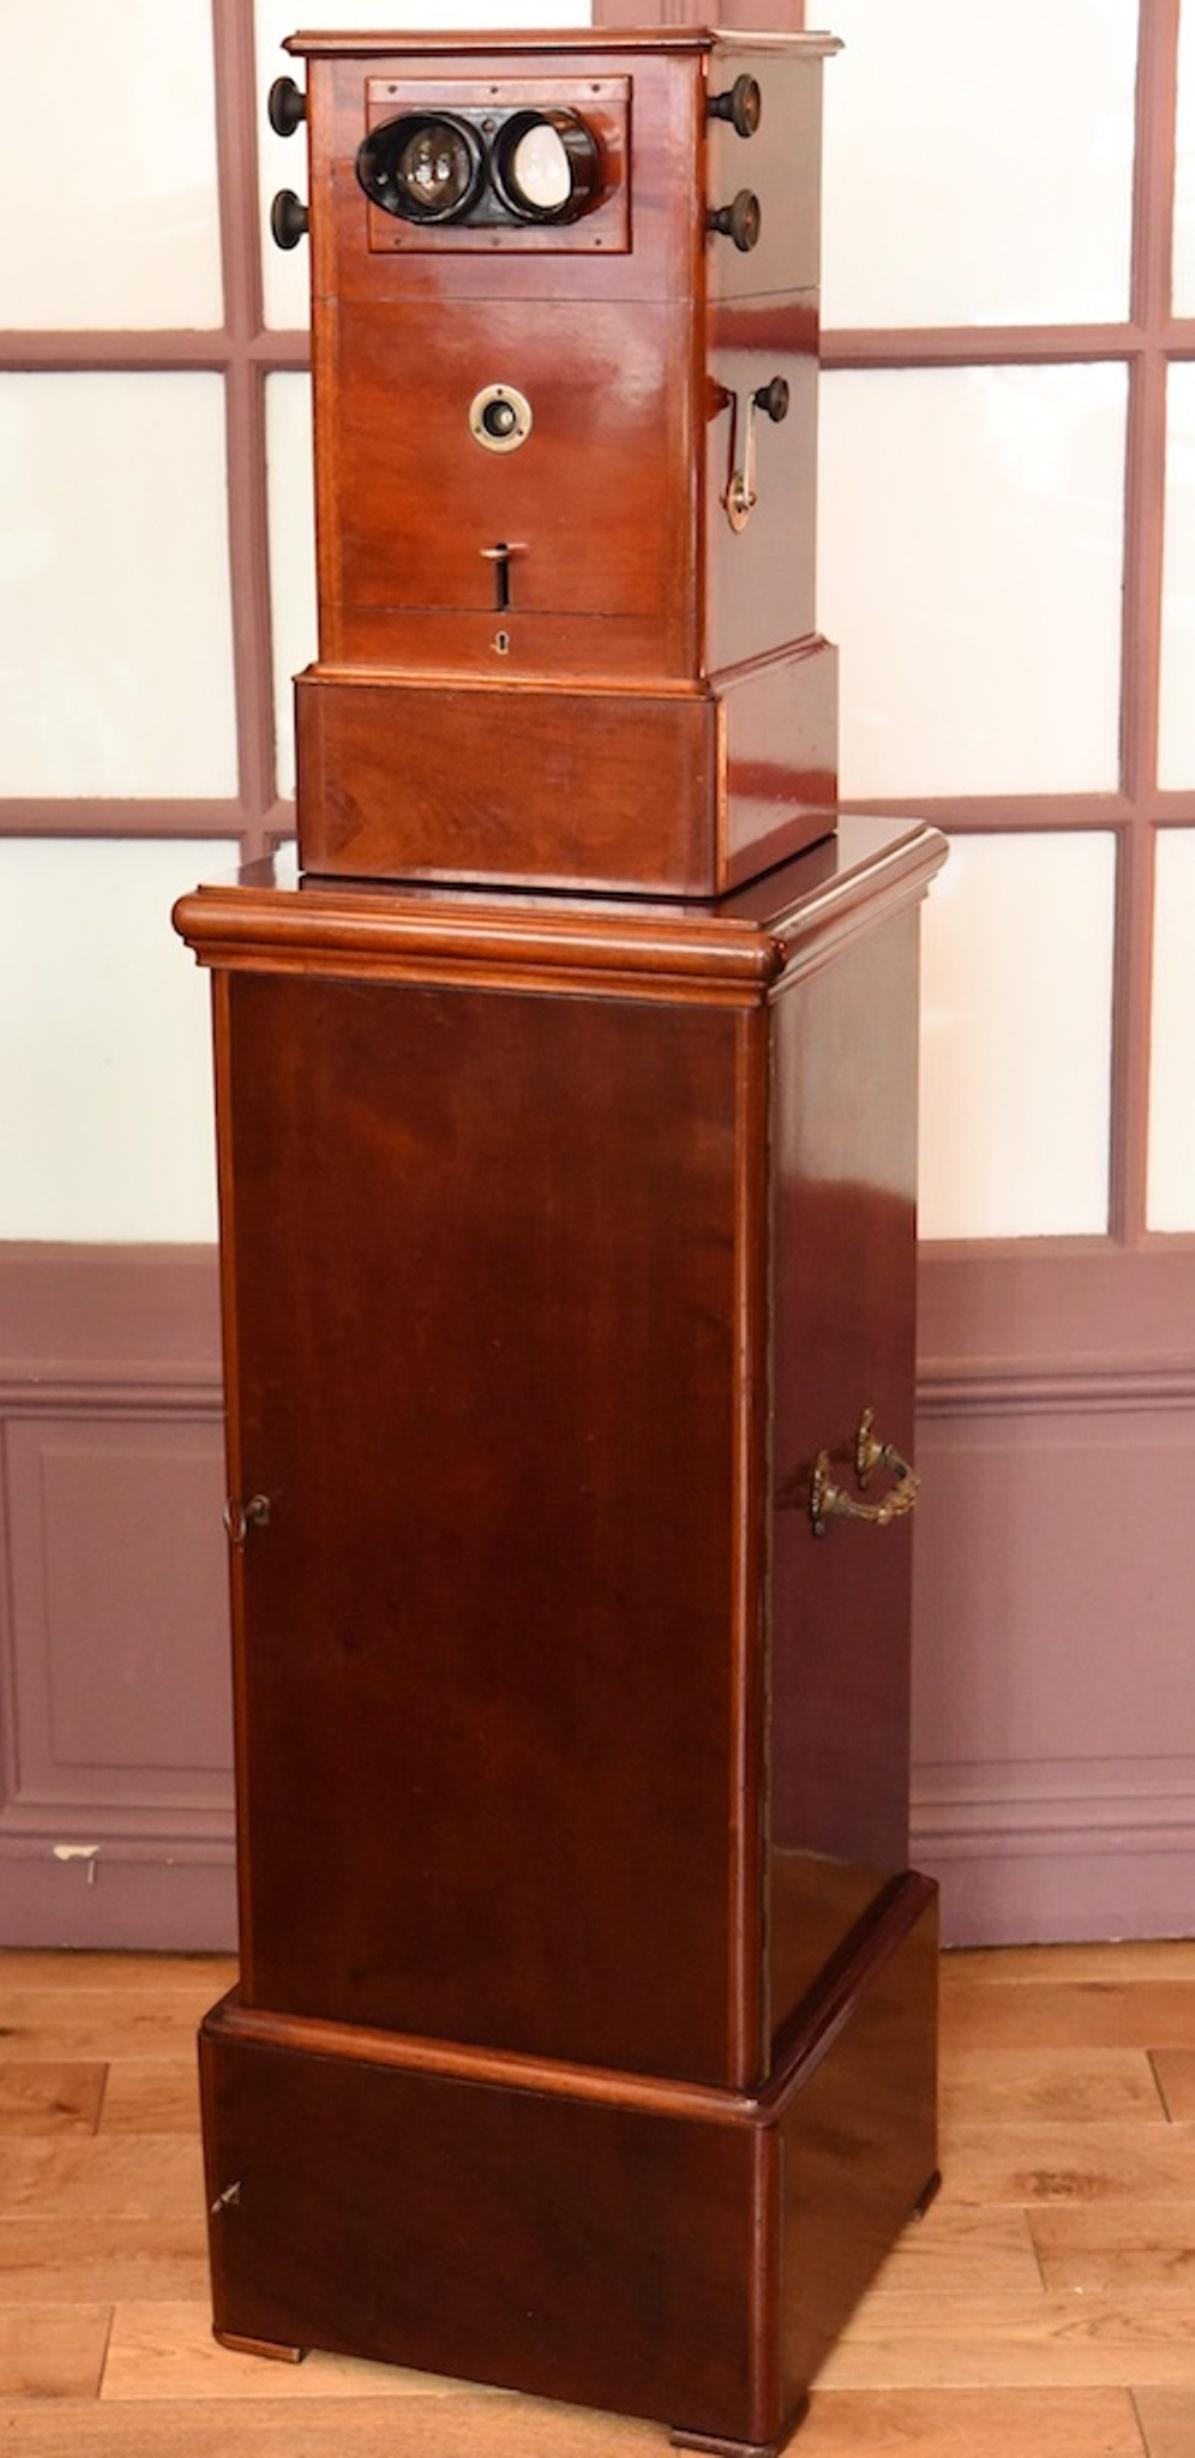 St r oth que mattey sur socle meuble pour vues 8 5 x 17 cm for O meuble sainte marguerite